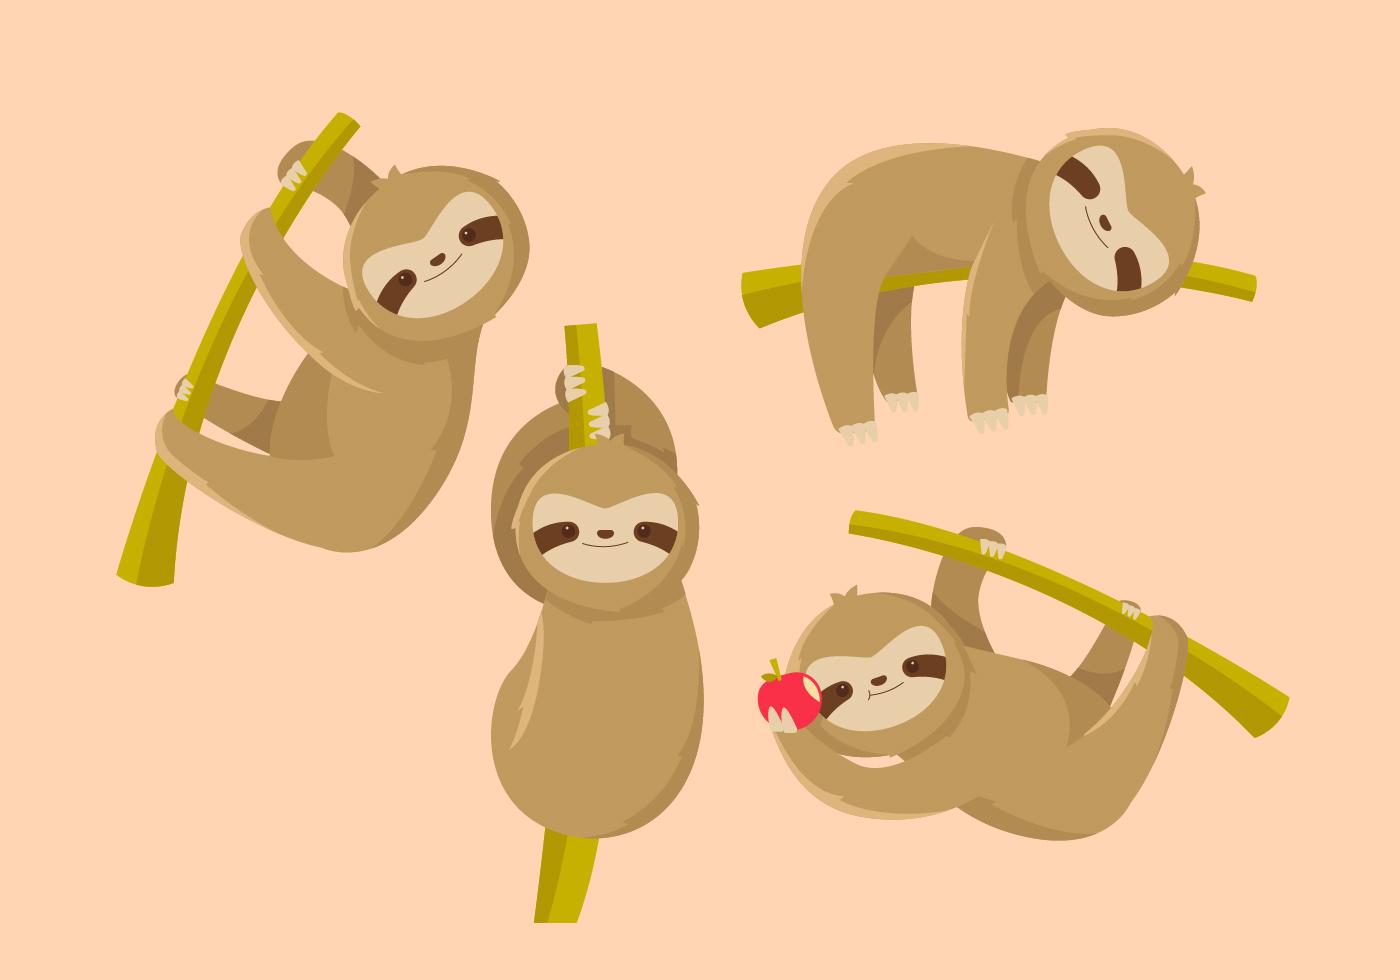 Sloth flat vector - Download Free Vectors, Clipart ...